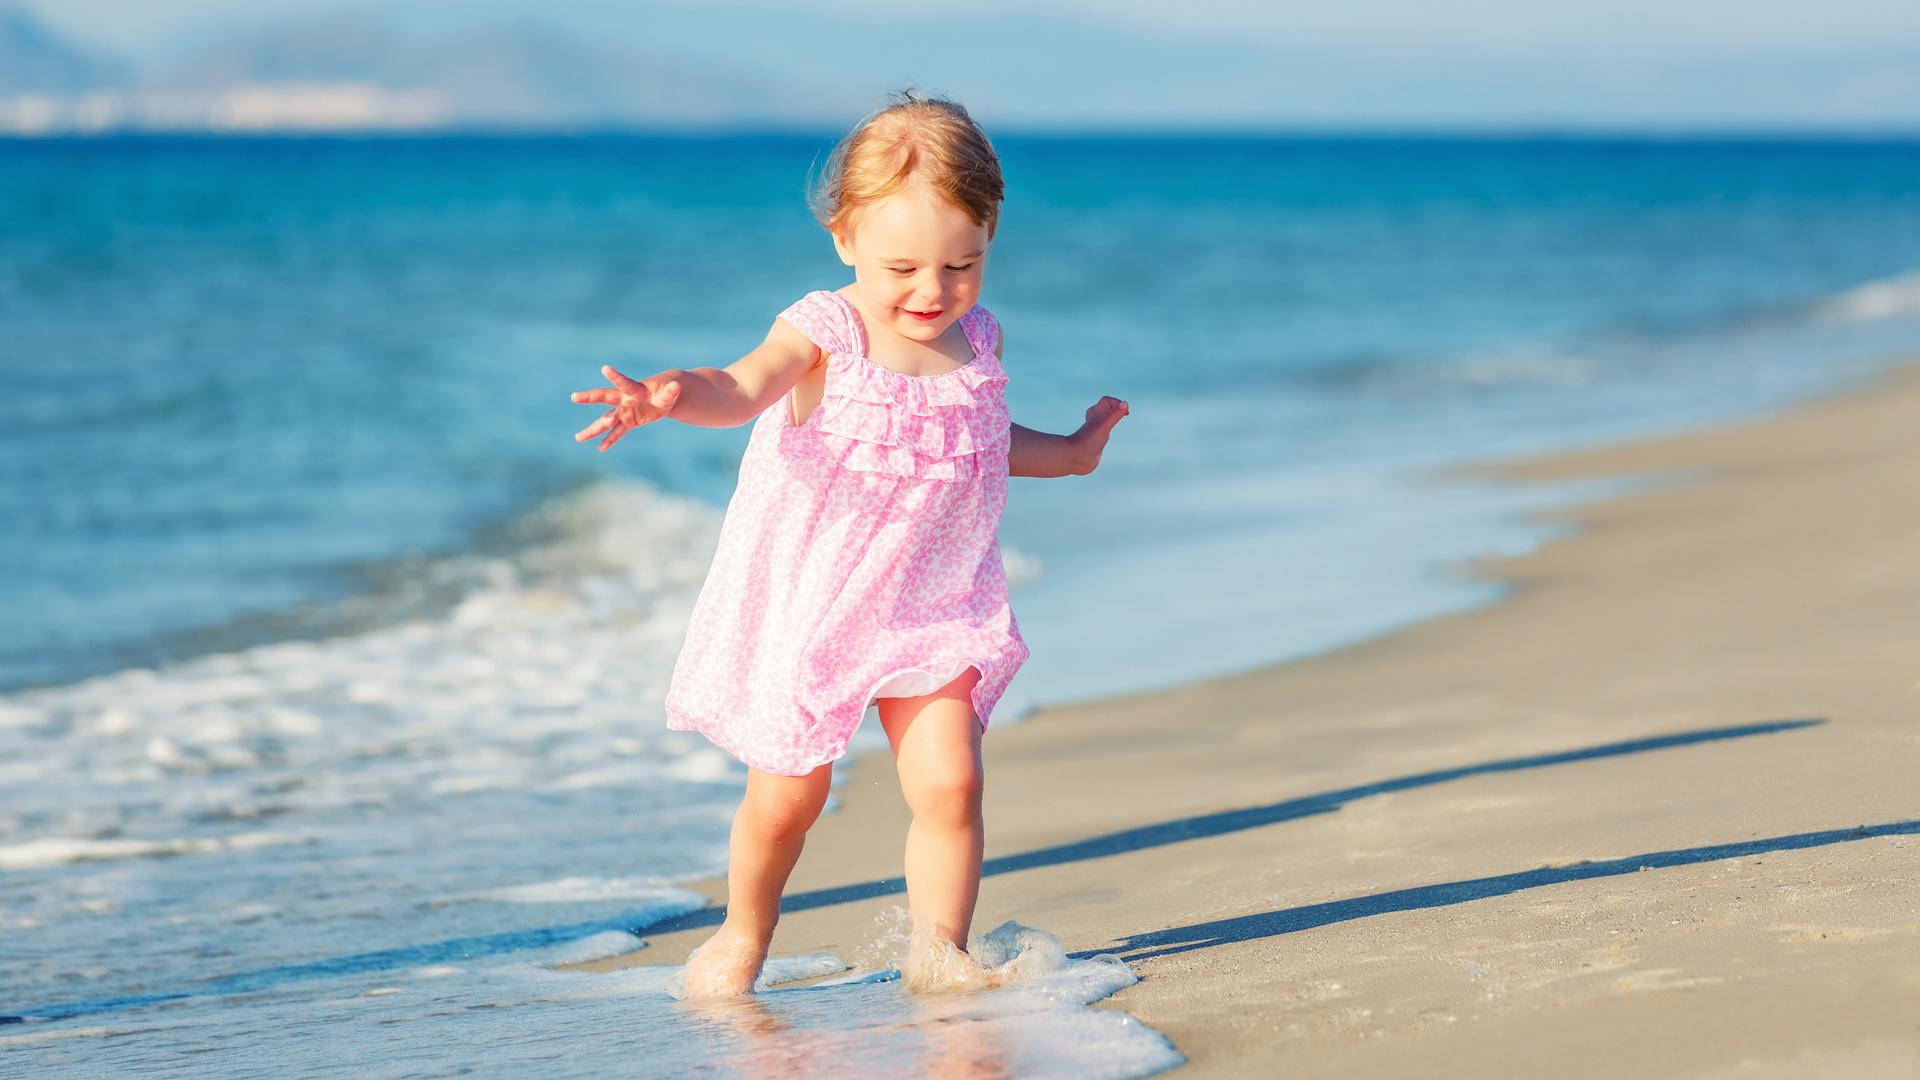 санитарных малыш на море фото шаблон девушкой парнем